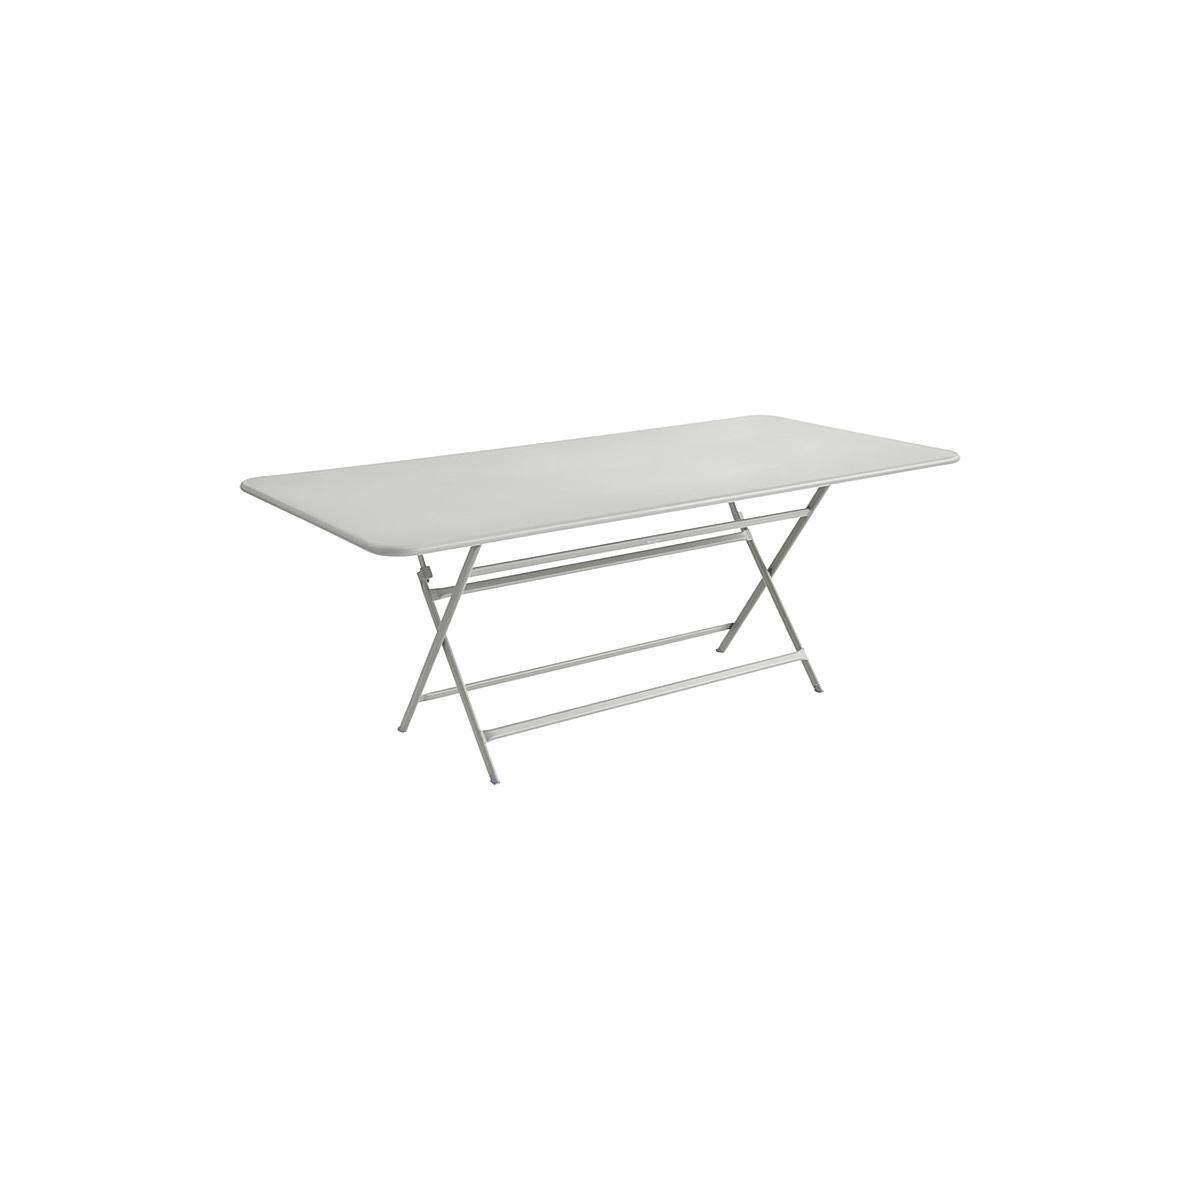 Table 90x190cm pliante CARACTERE Fermob Gris Métal